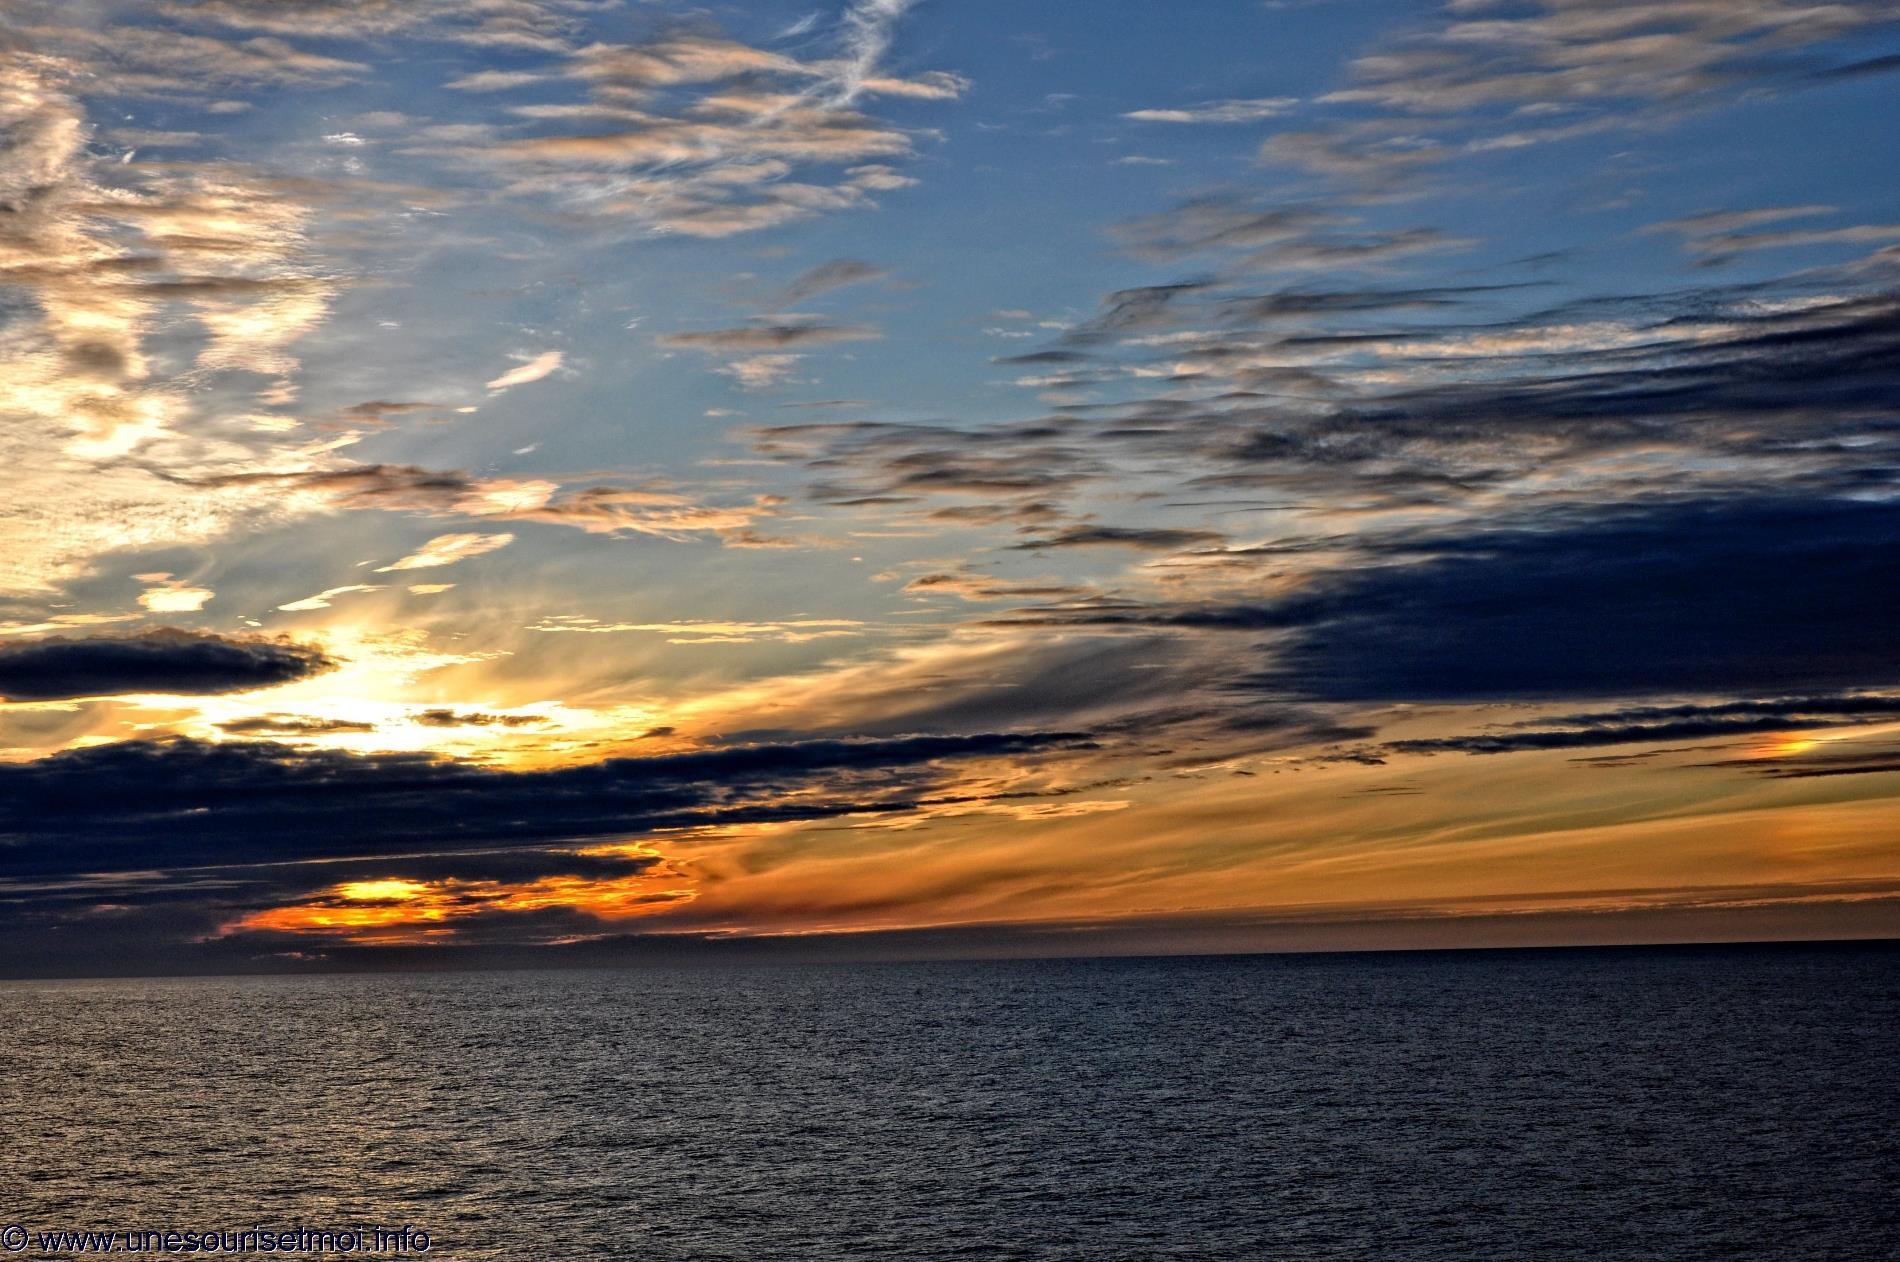 coucher-de-soleil_HD_007